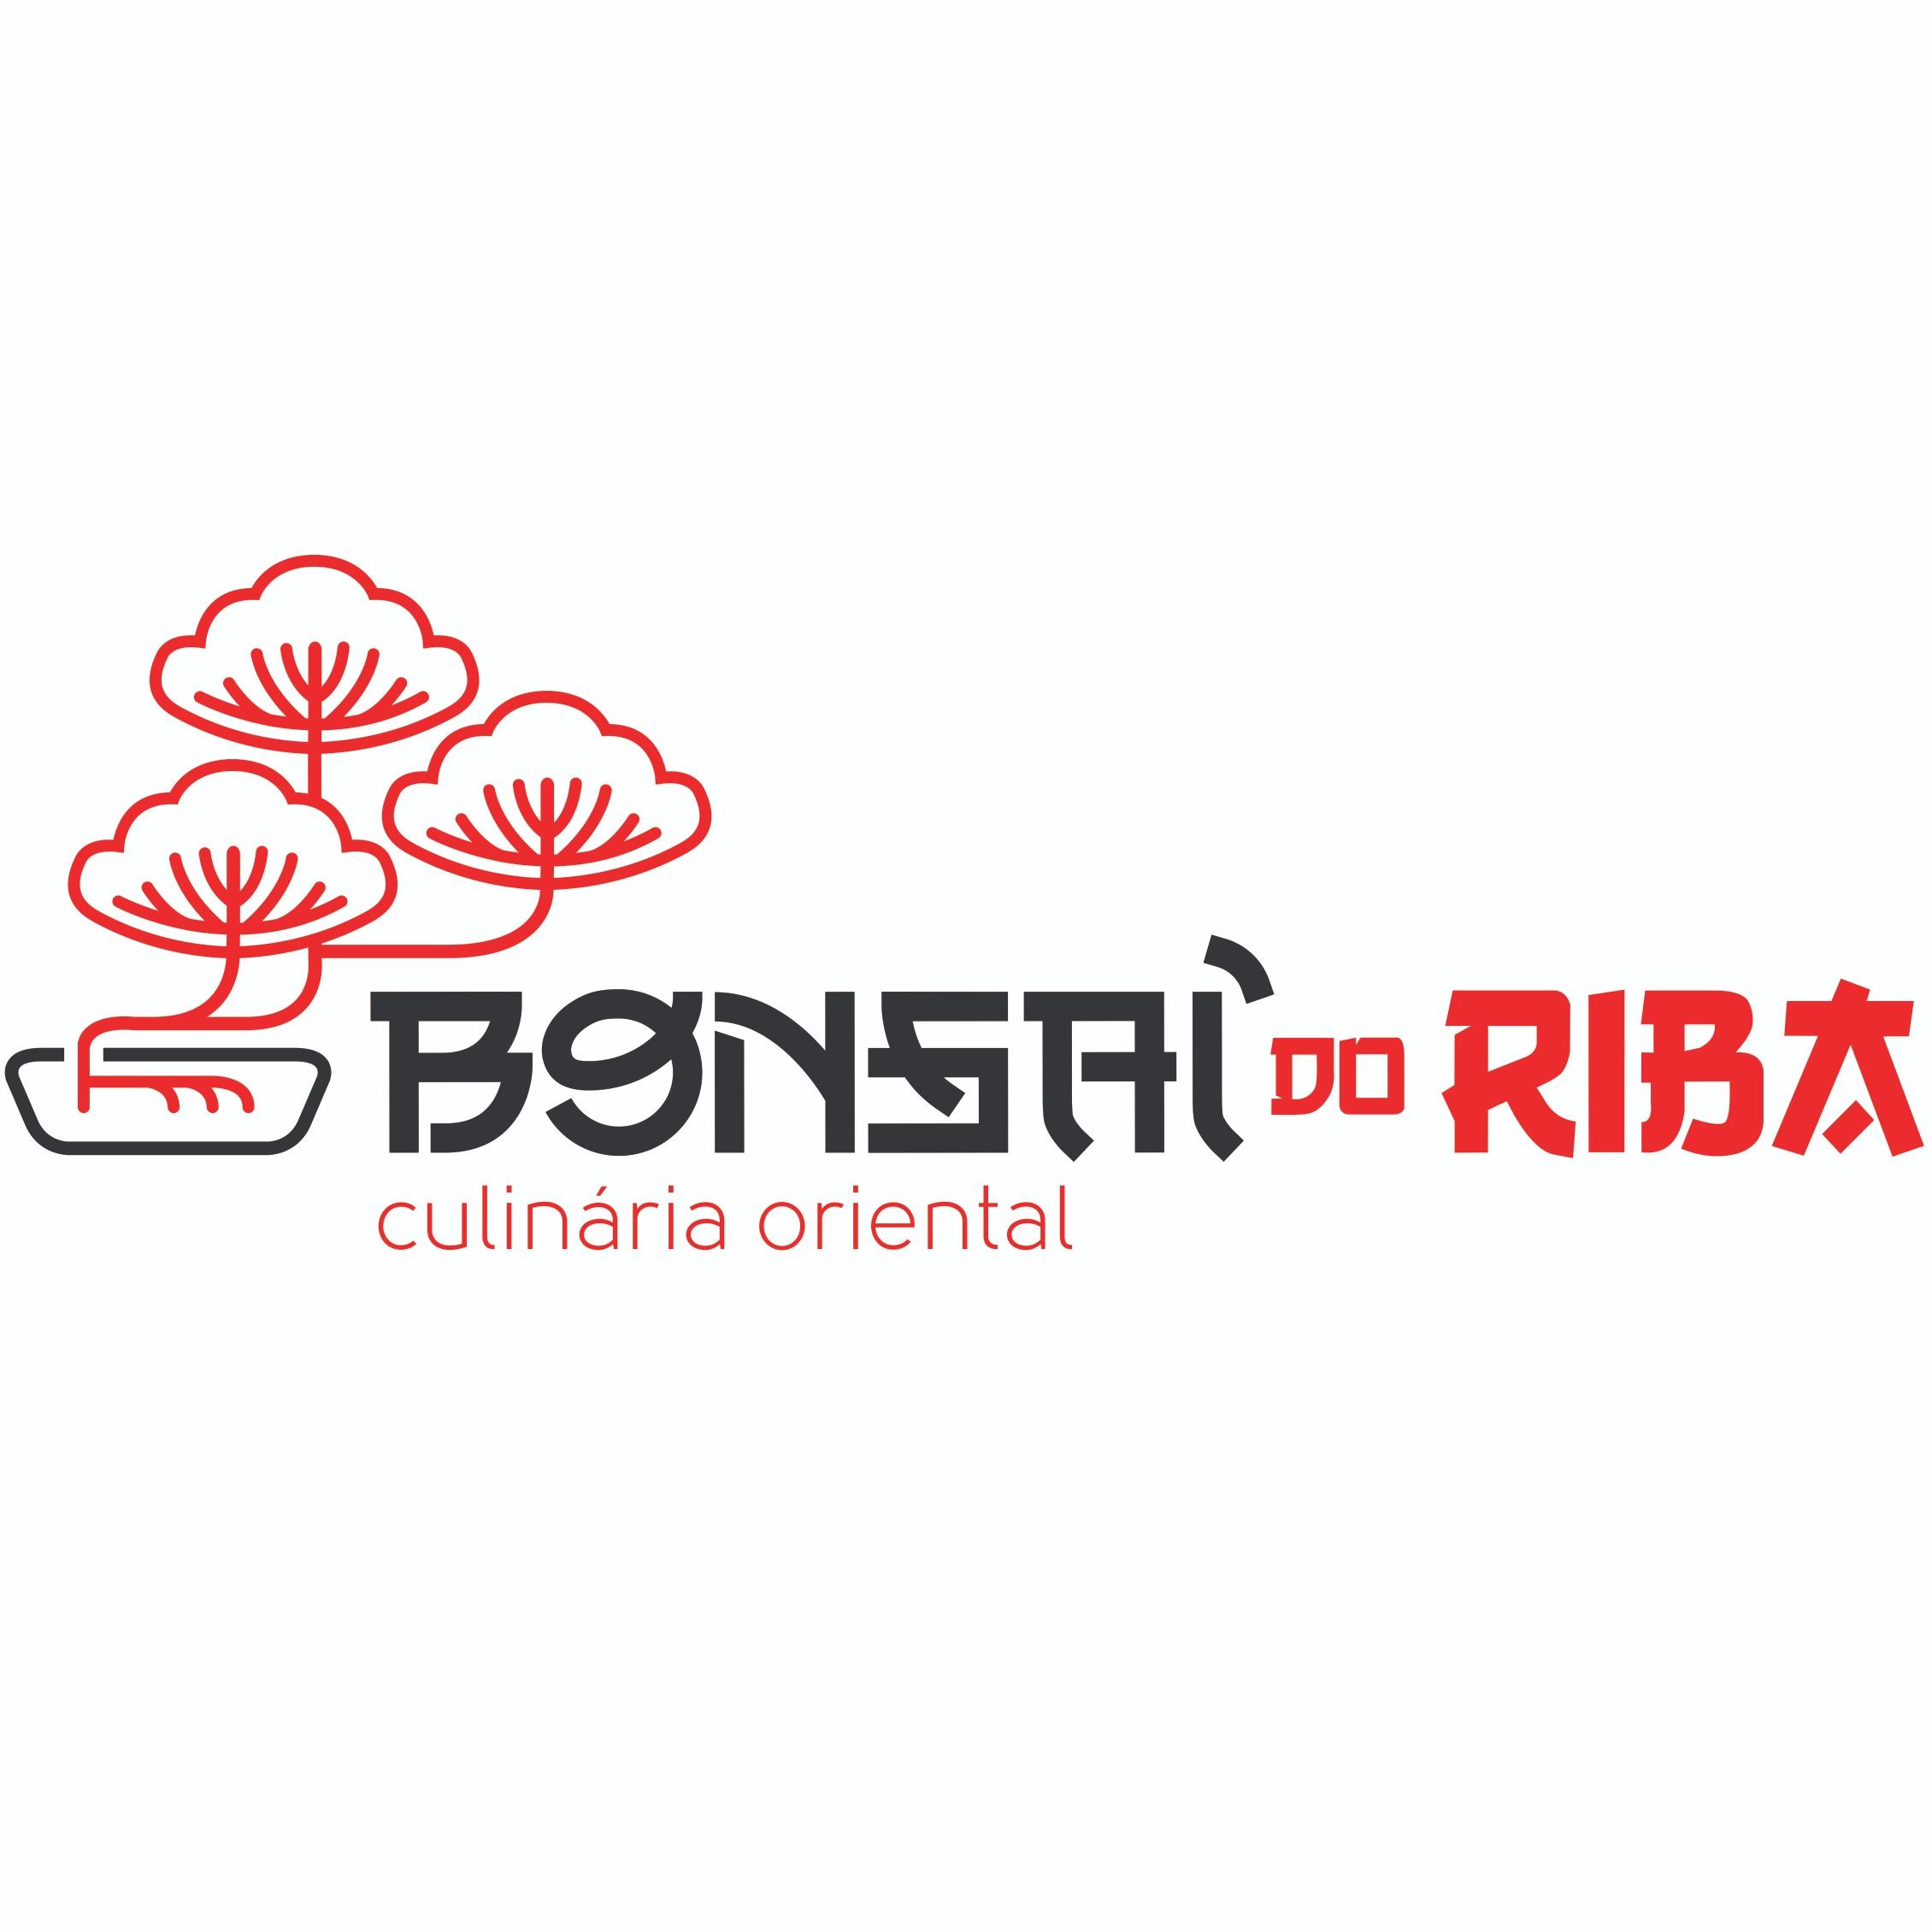 Bonsai do Riba